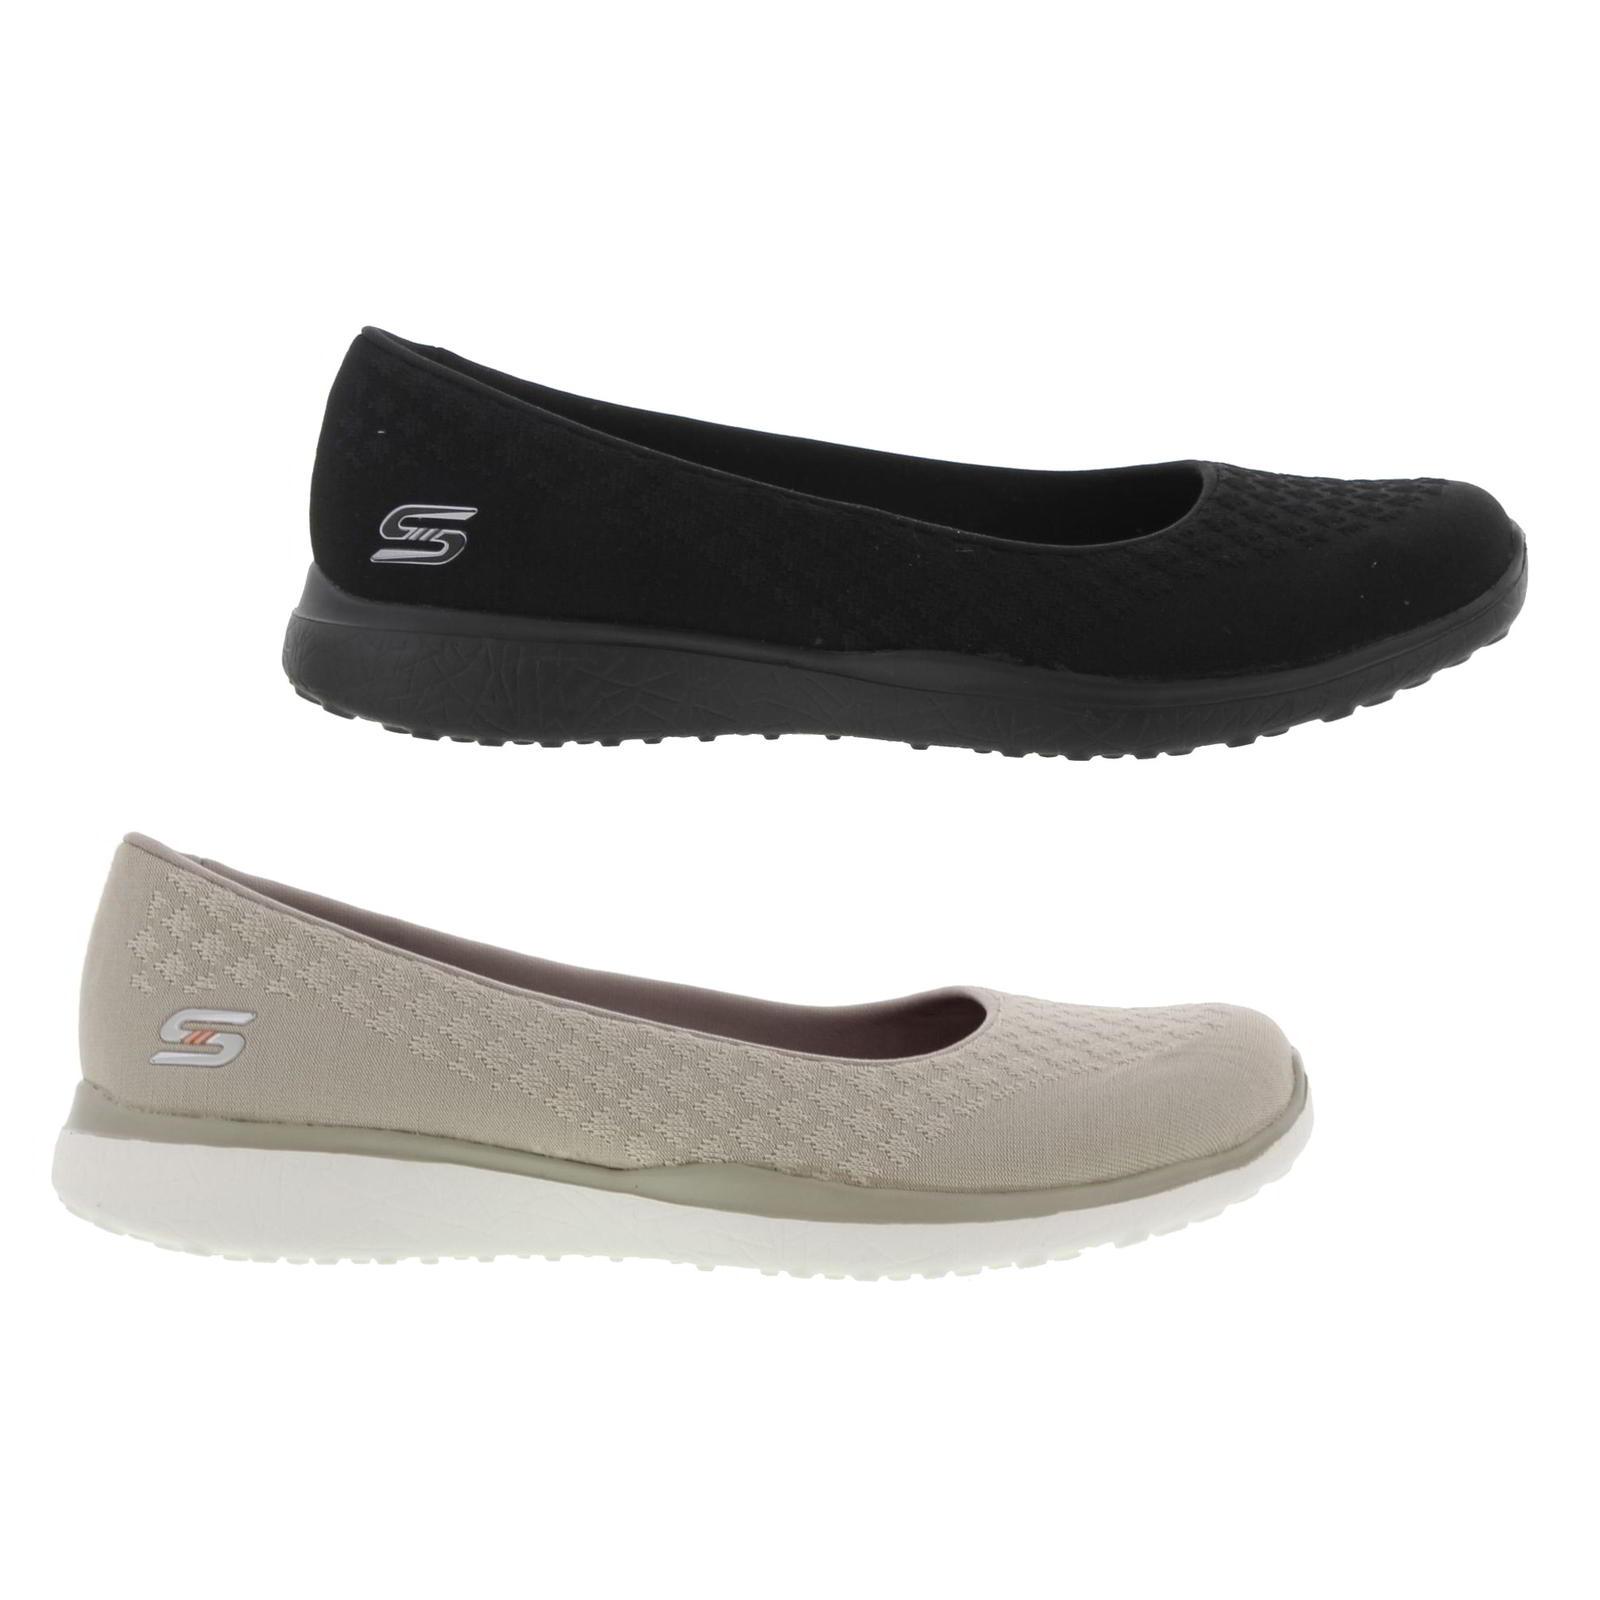 100% top quality competitive price best supplier Détails sur Skechers Microburst One Up Pour Femme Femmes Ballerine  Escarpins Chaussures Taille UK 4-8- afficher le titre d'origine